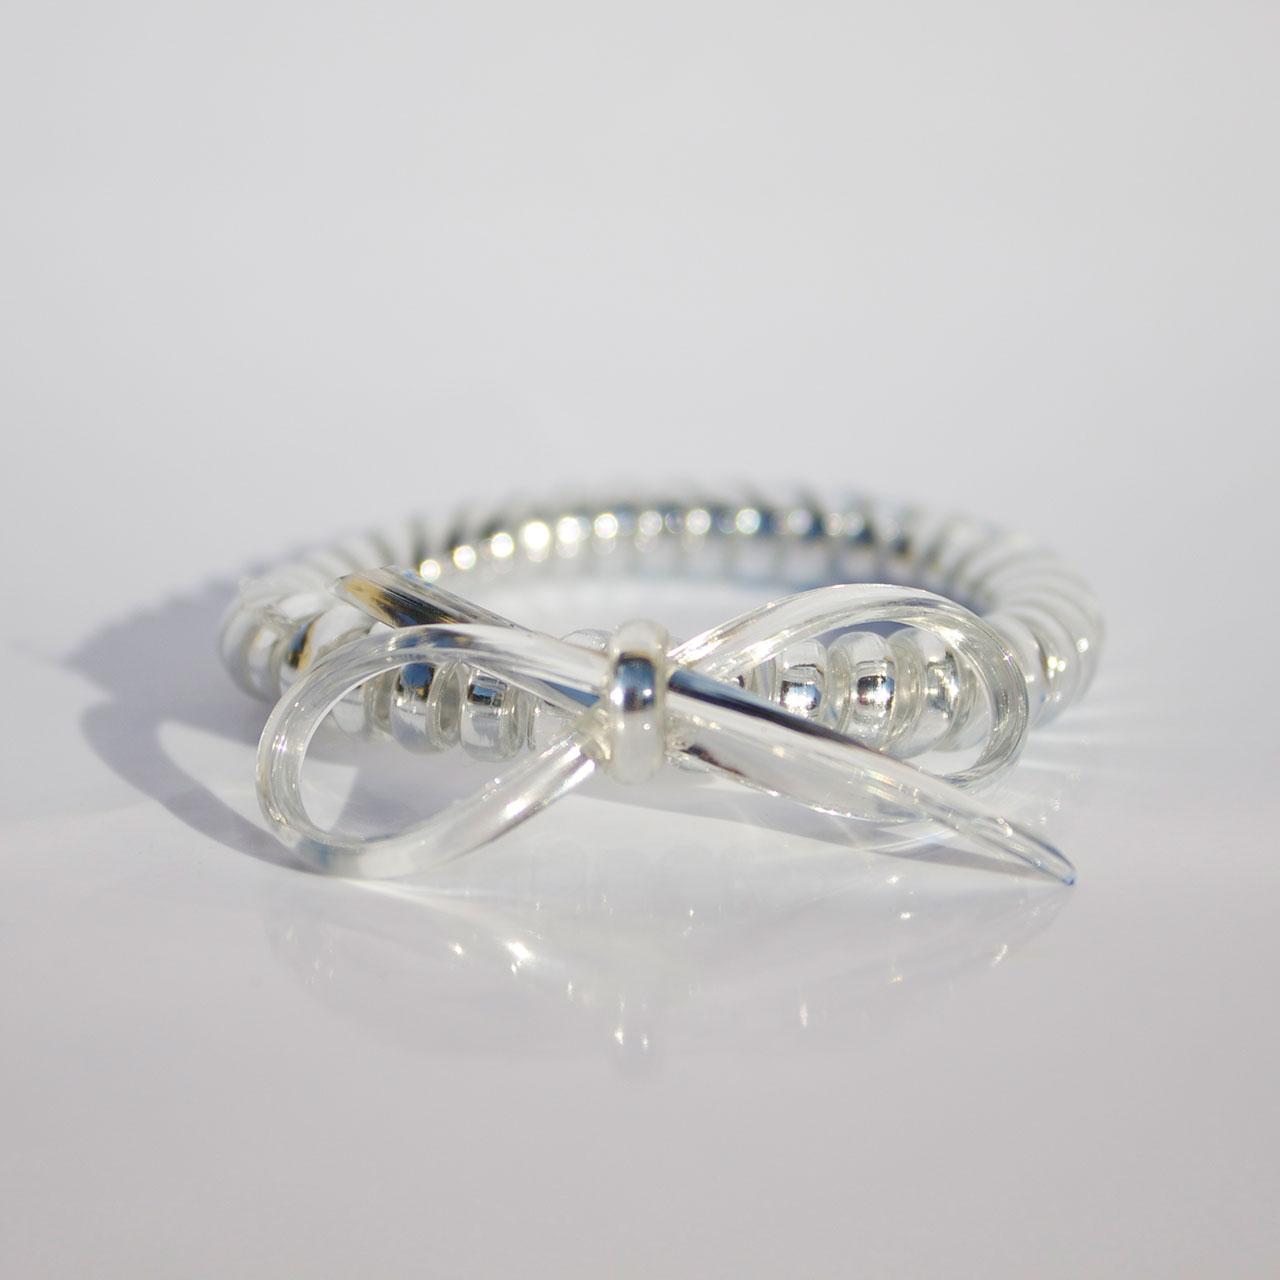 Strieborná gumička do vlasov s mašličkou Hairfix - Metallic Bow Silver